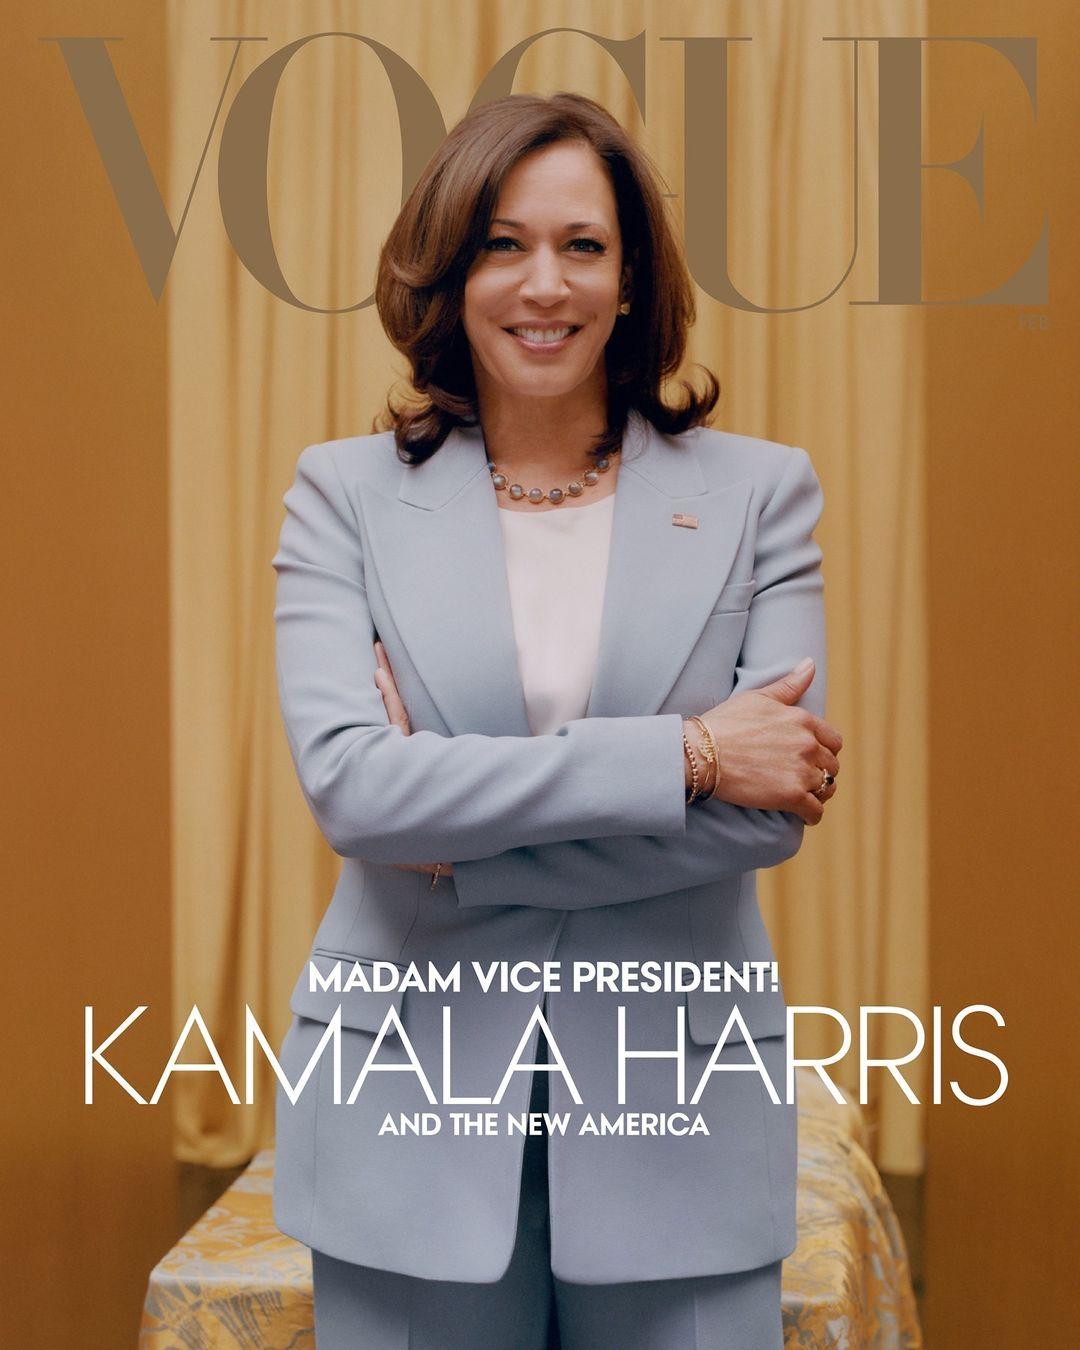 Hvorfor er det så vanskelig å snakke om mote? Vogue-forsiden med Kamala Harris er blitt heftig kritisert